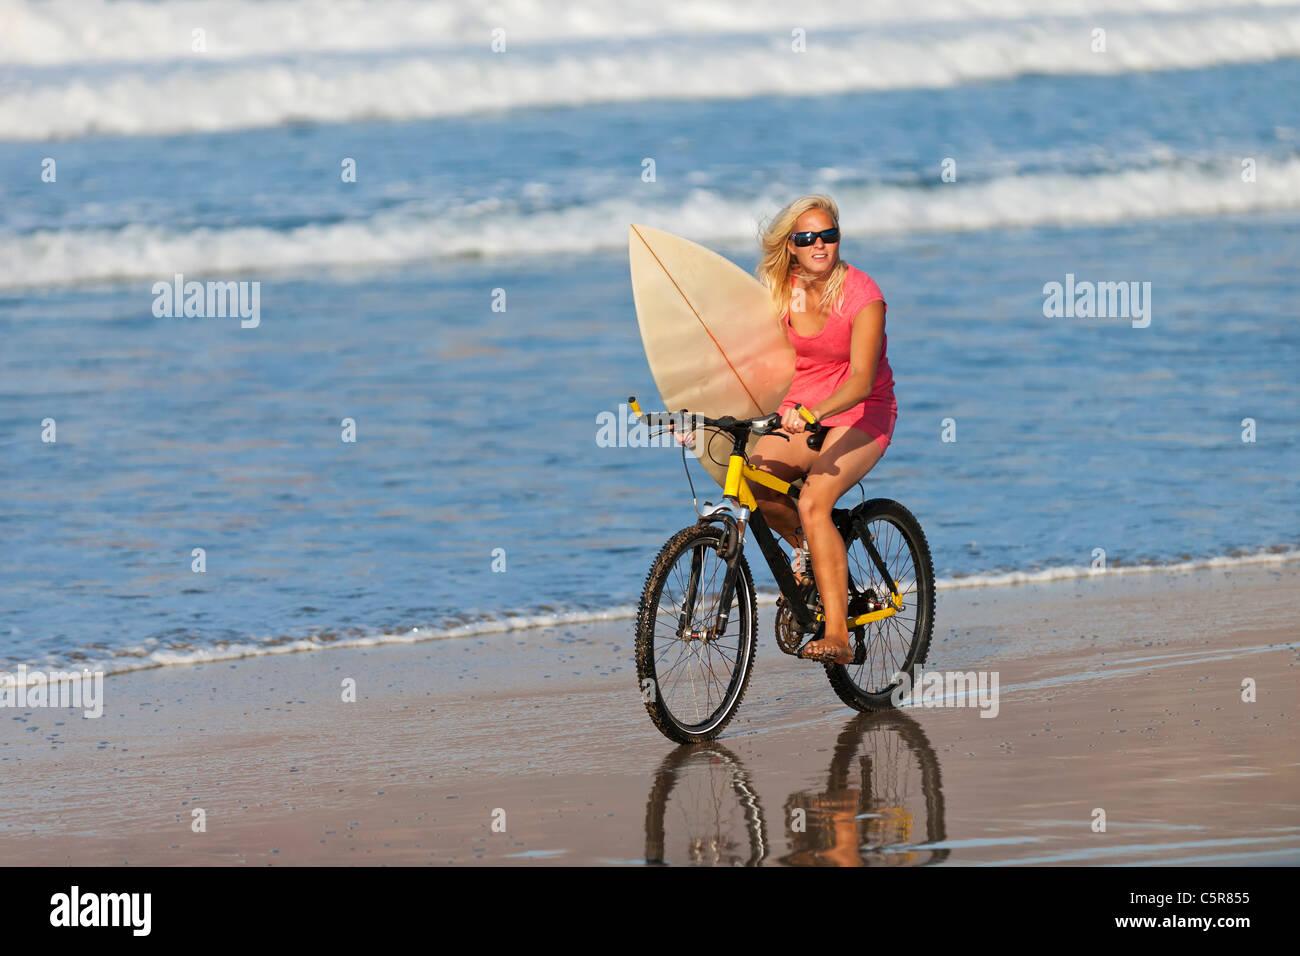 Ein Surfer auf einem Mountainbike in den Ozean. Stockbild